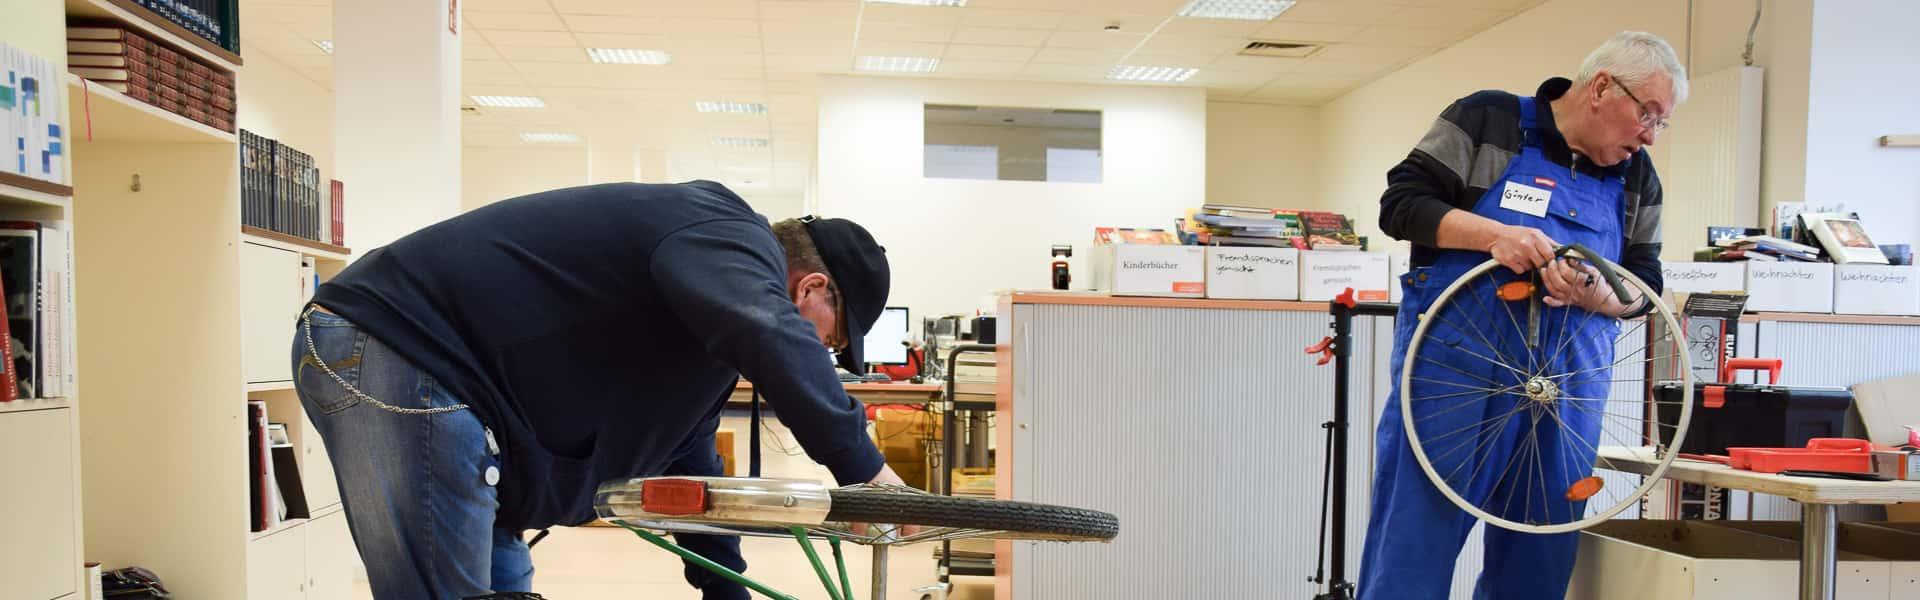 Zwei Mitarbeiter bei einer Fahrrad-Reparatur